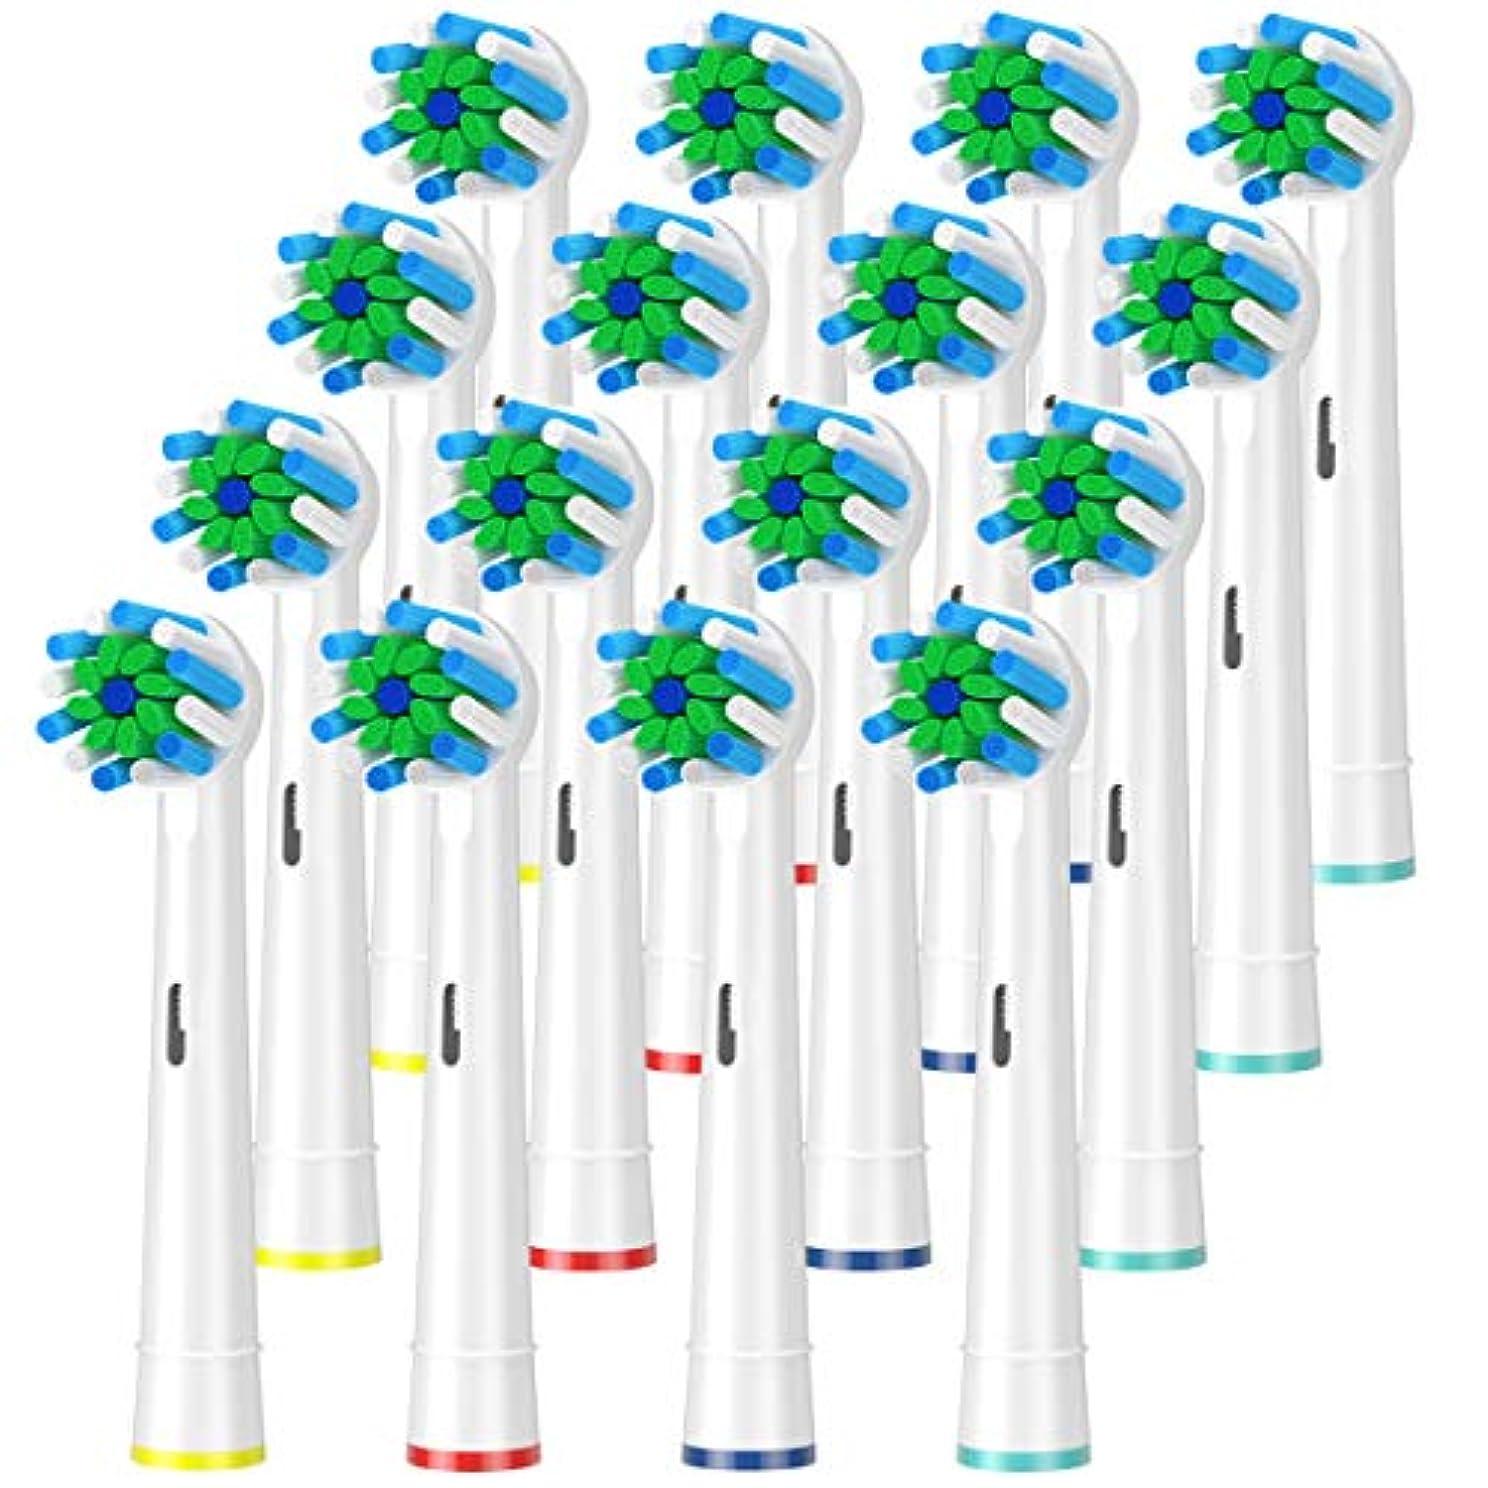 構築する蓮もITECHNIK ブラウン 電動歯ブラシ 対応 替えブラシ ブラウン オーラルB 替えブラシ Cross(16)